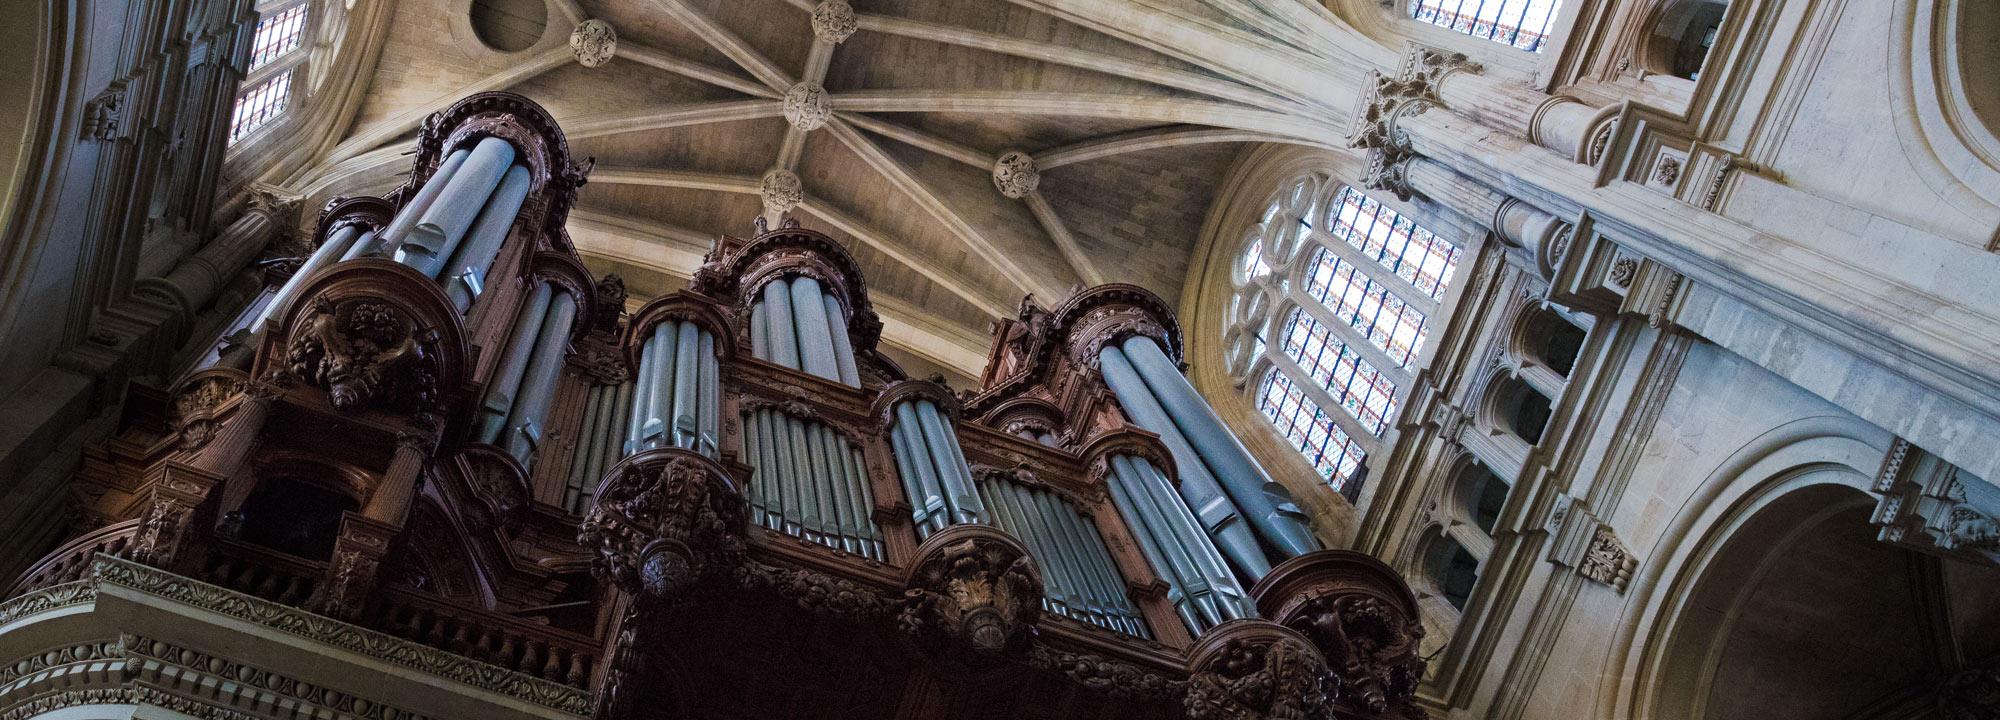 Musique <br>à Saint-Eustache